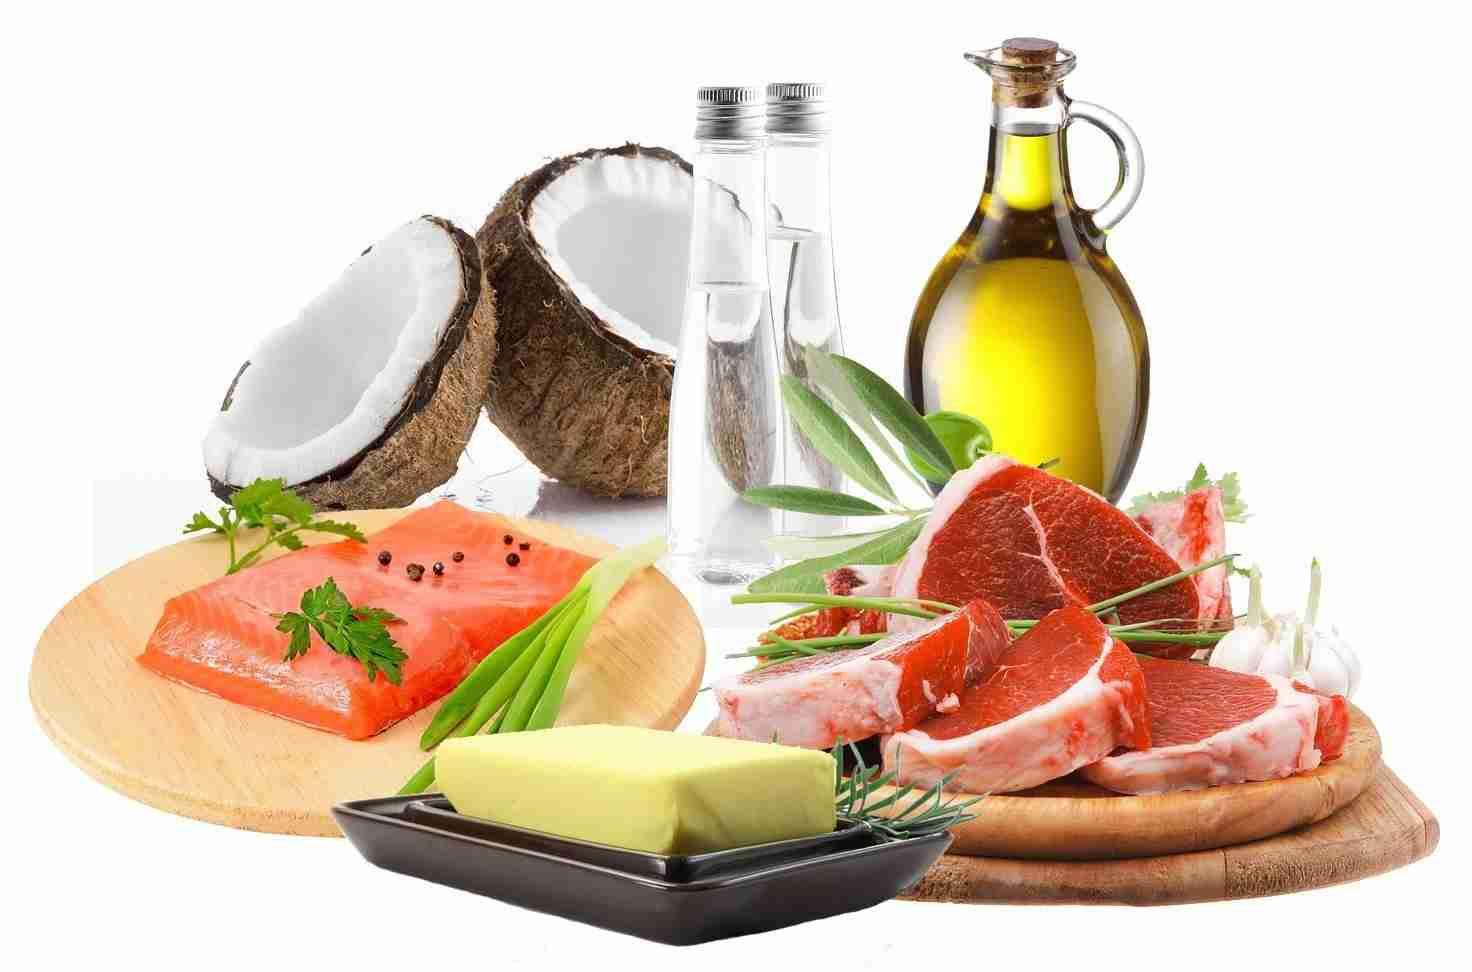 Dieta cetogênica: Tudo sobre essa POLÊMICA dieta! [CLIQUE AQUI]